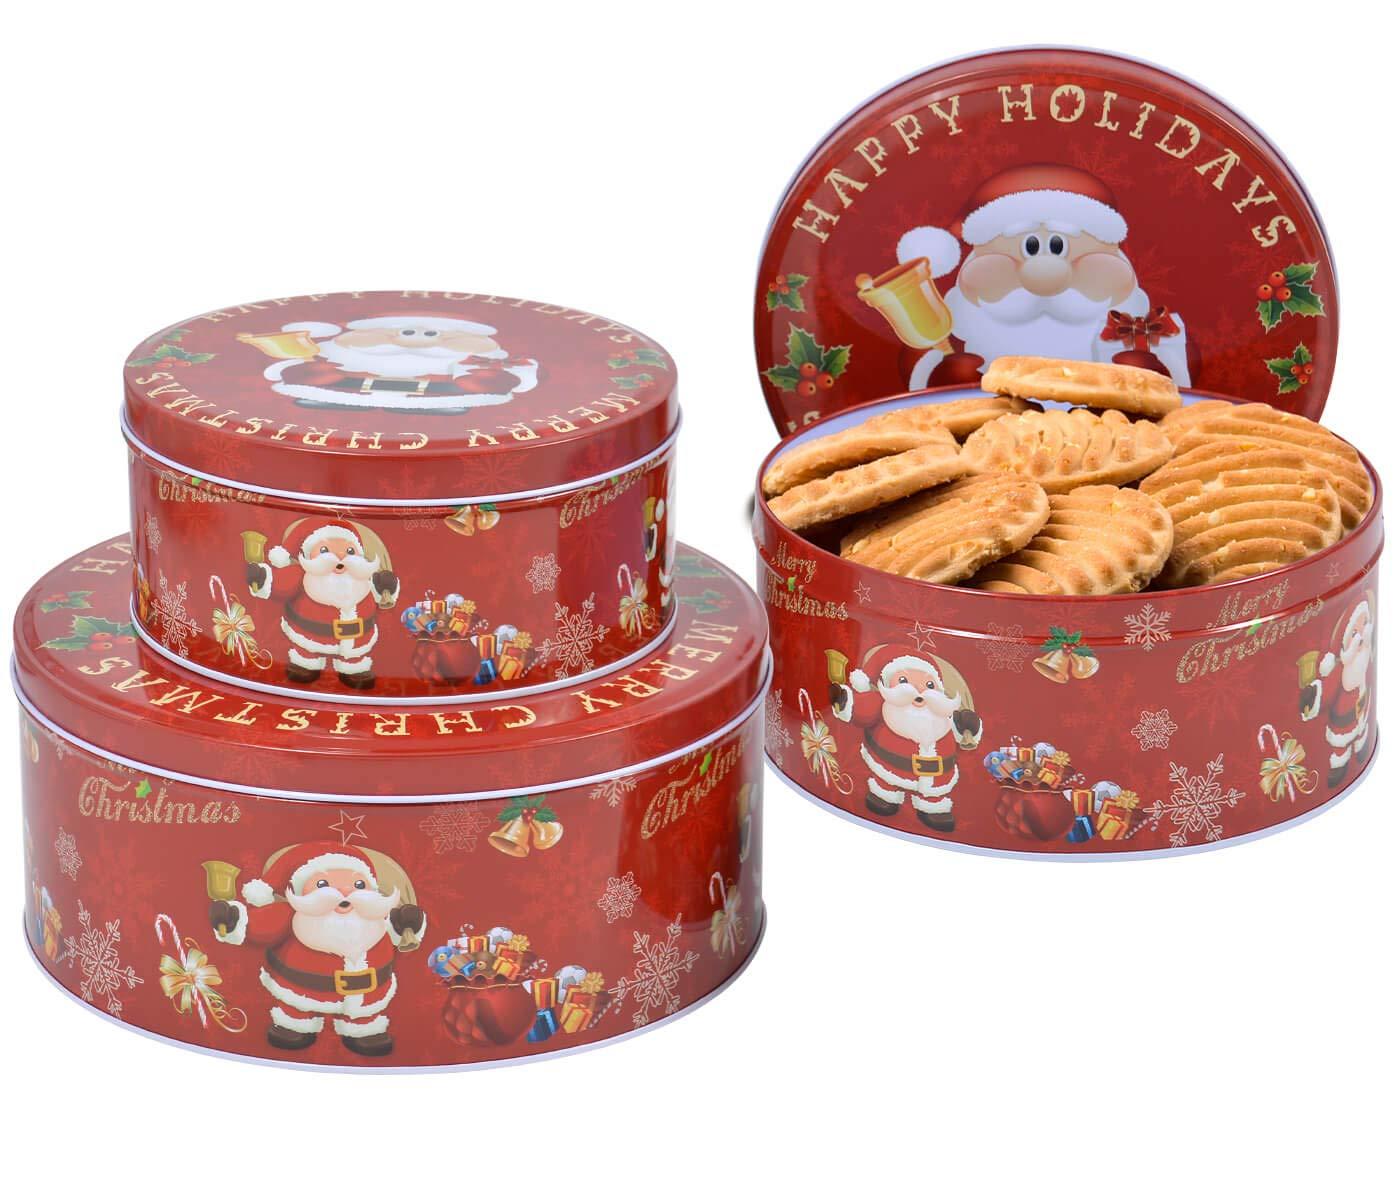 Set de 3 Latas de Galletas Rojo con Diseño Navideño y Merry Christmas Cajas Redondas de Metal Botes para Envasar Chocolates Decoración de Navidad: Amazon.es: Bricolaje y herramientas